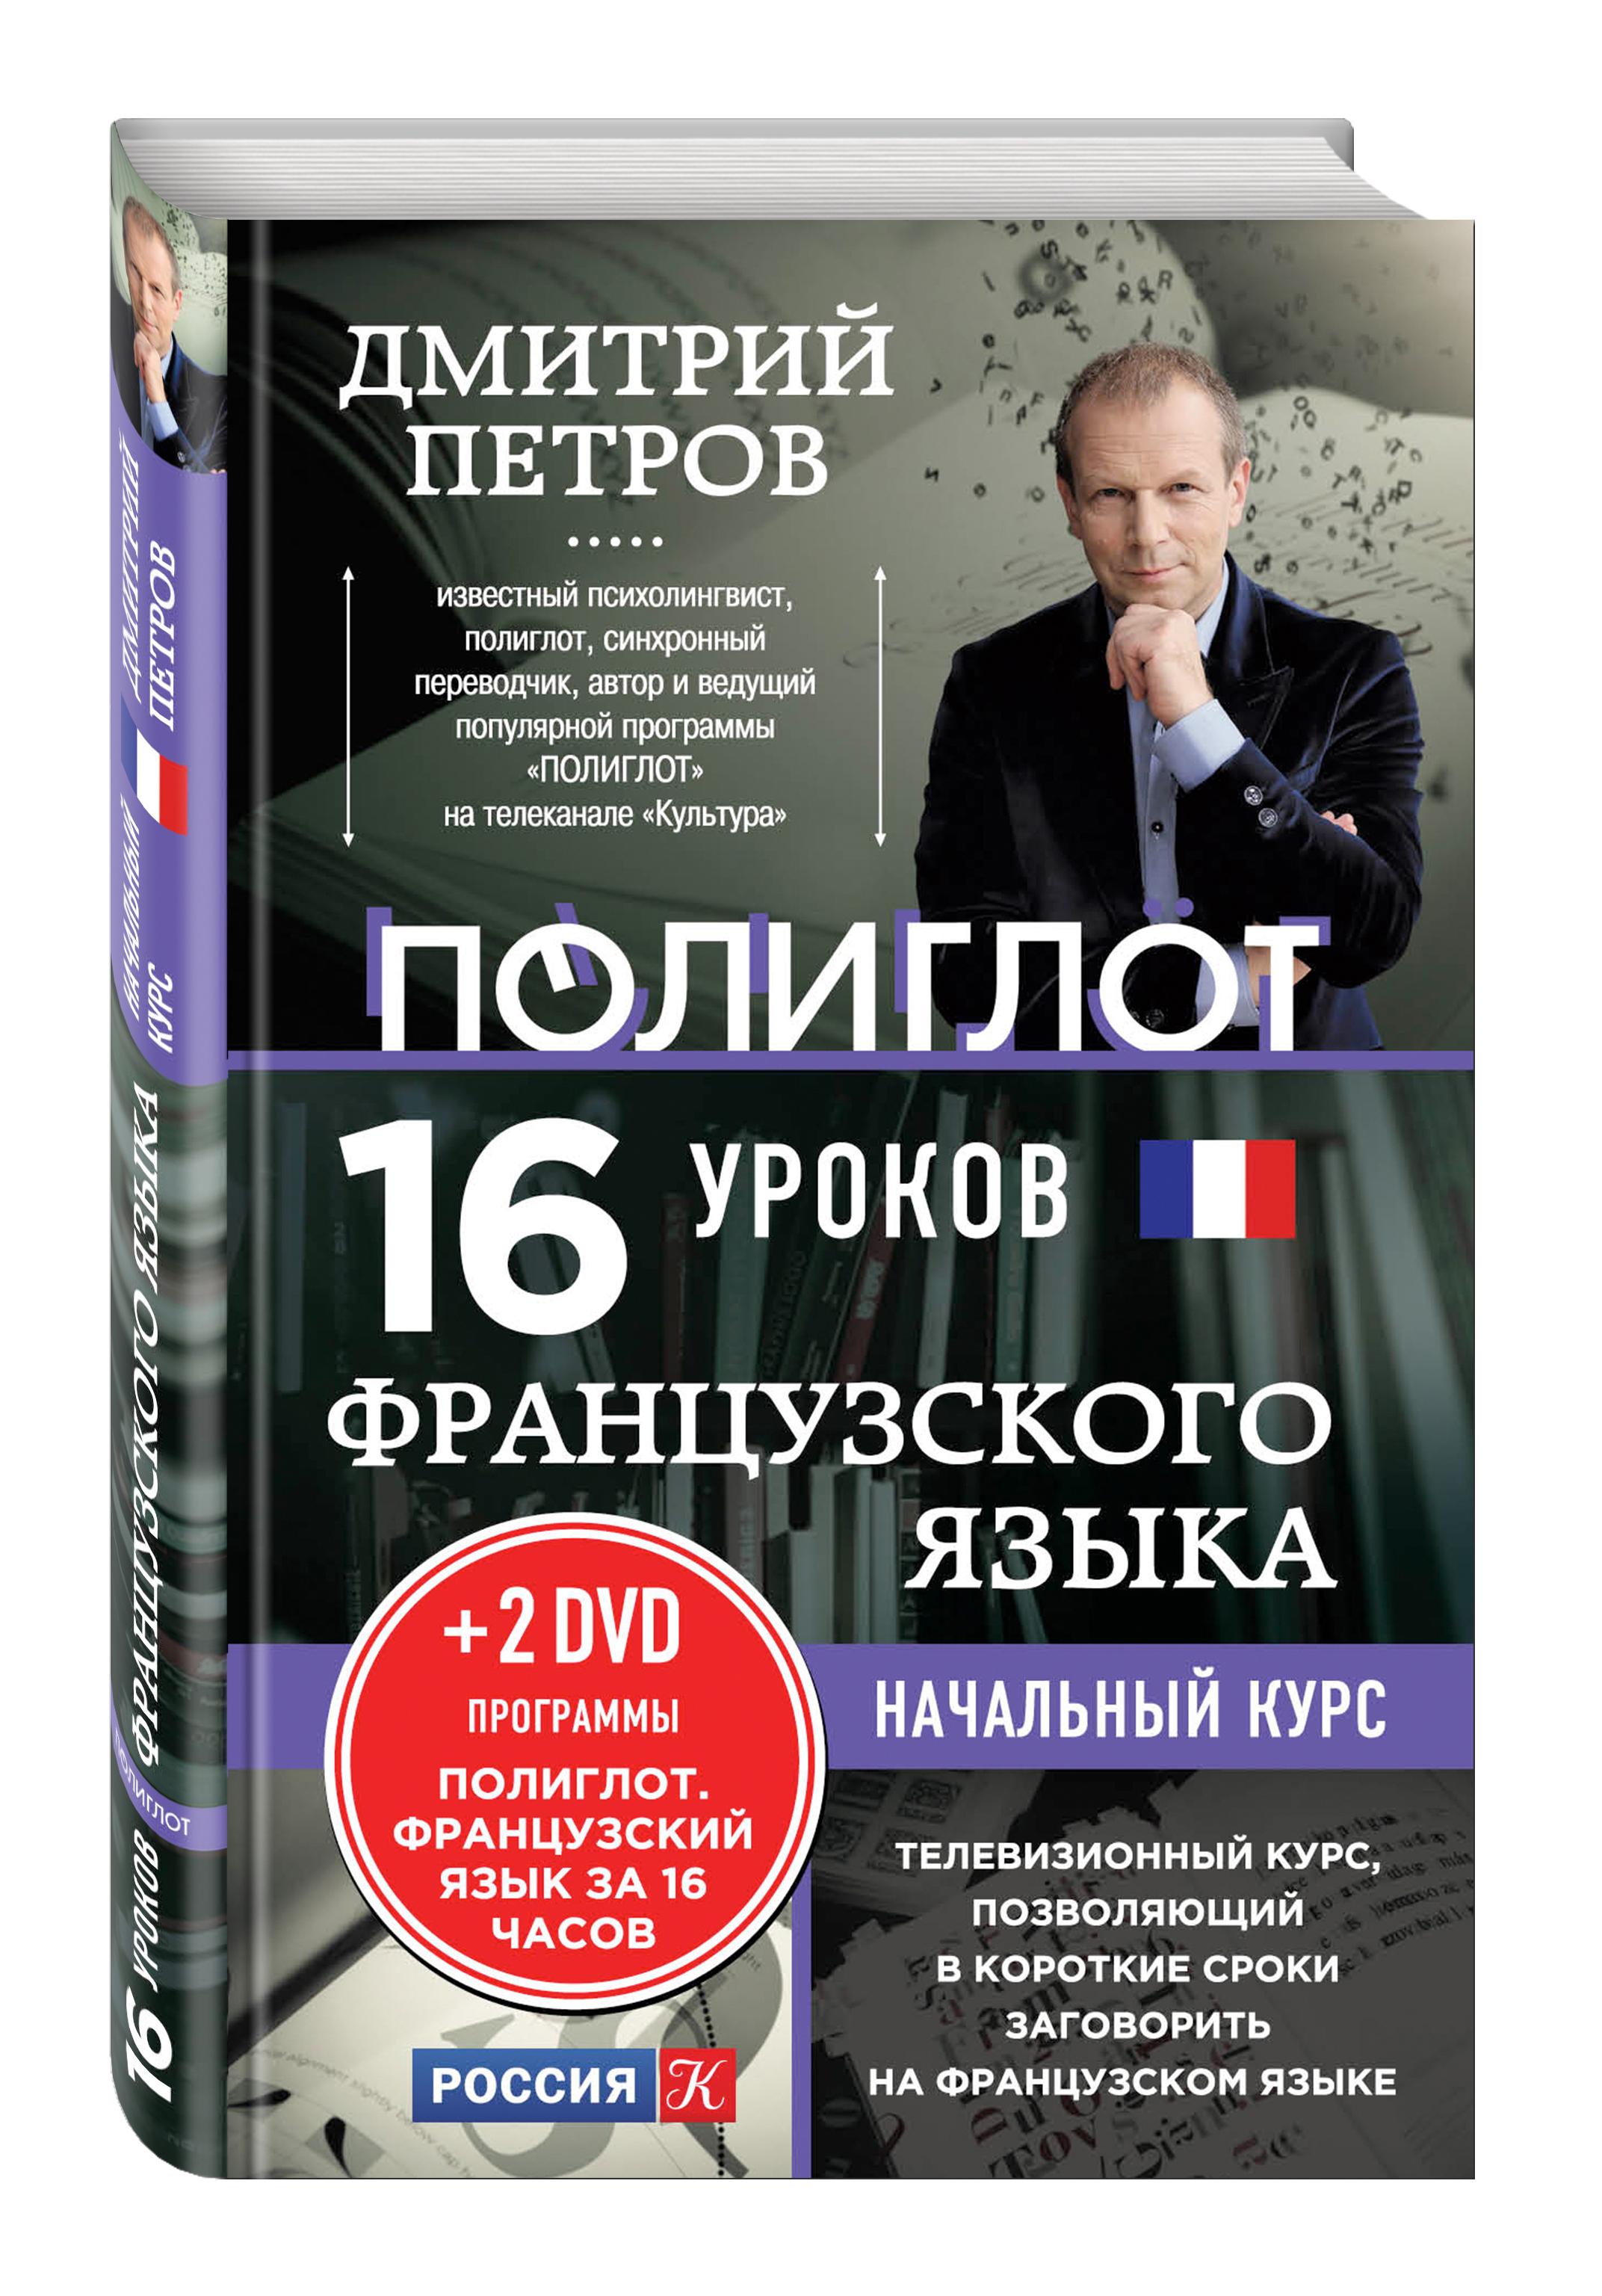 Петров Д.Ю. 16 уроков Французского языка. Начальный курс + 2 DVD Французский язык за 16 часов блокада 2 dvd